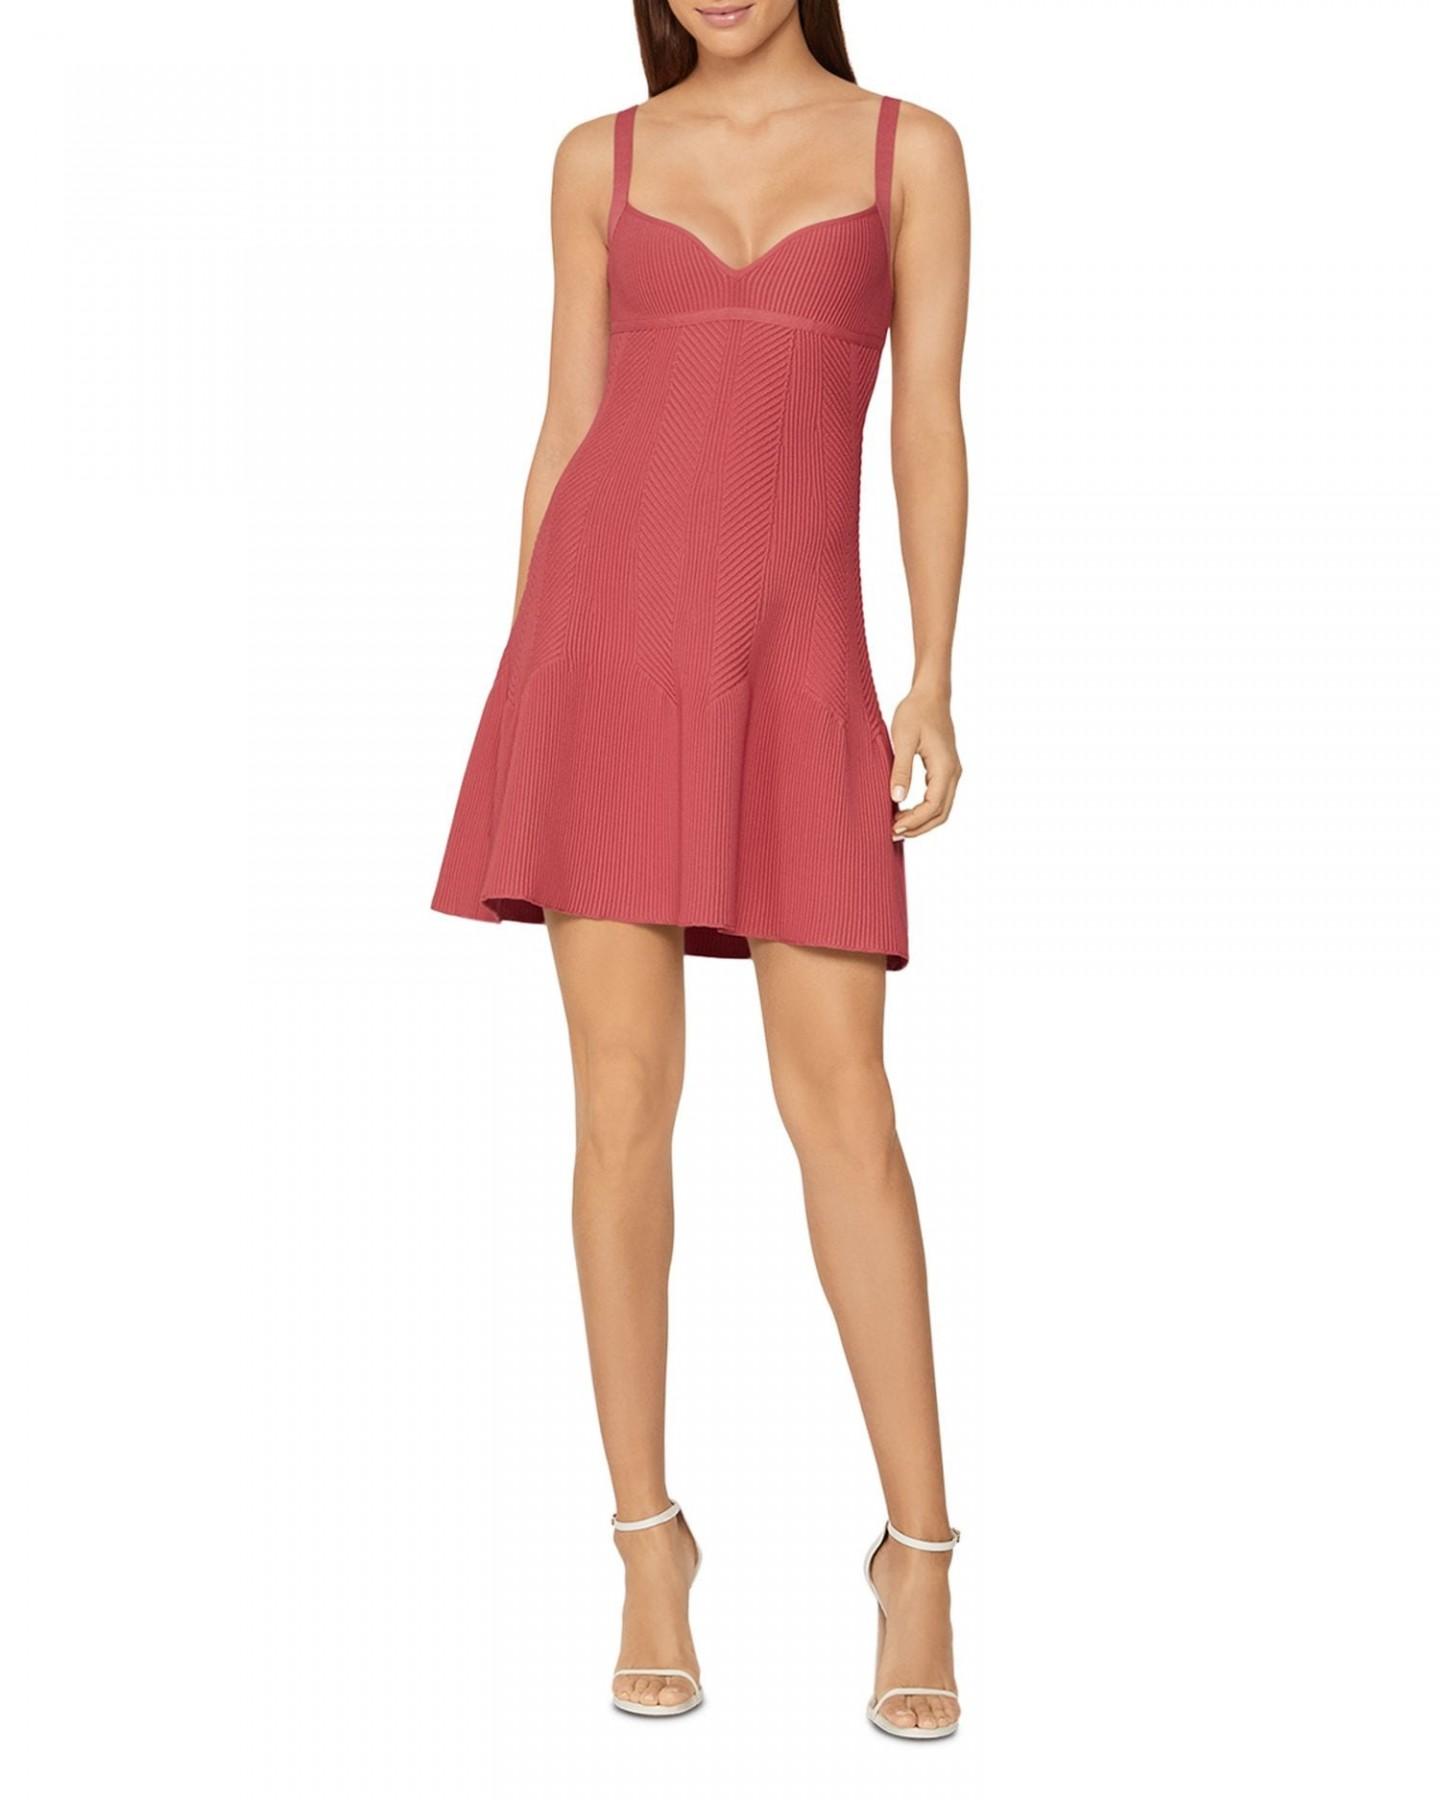 HERVÉ LÉGER Textured A-Line Dress